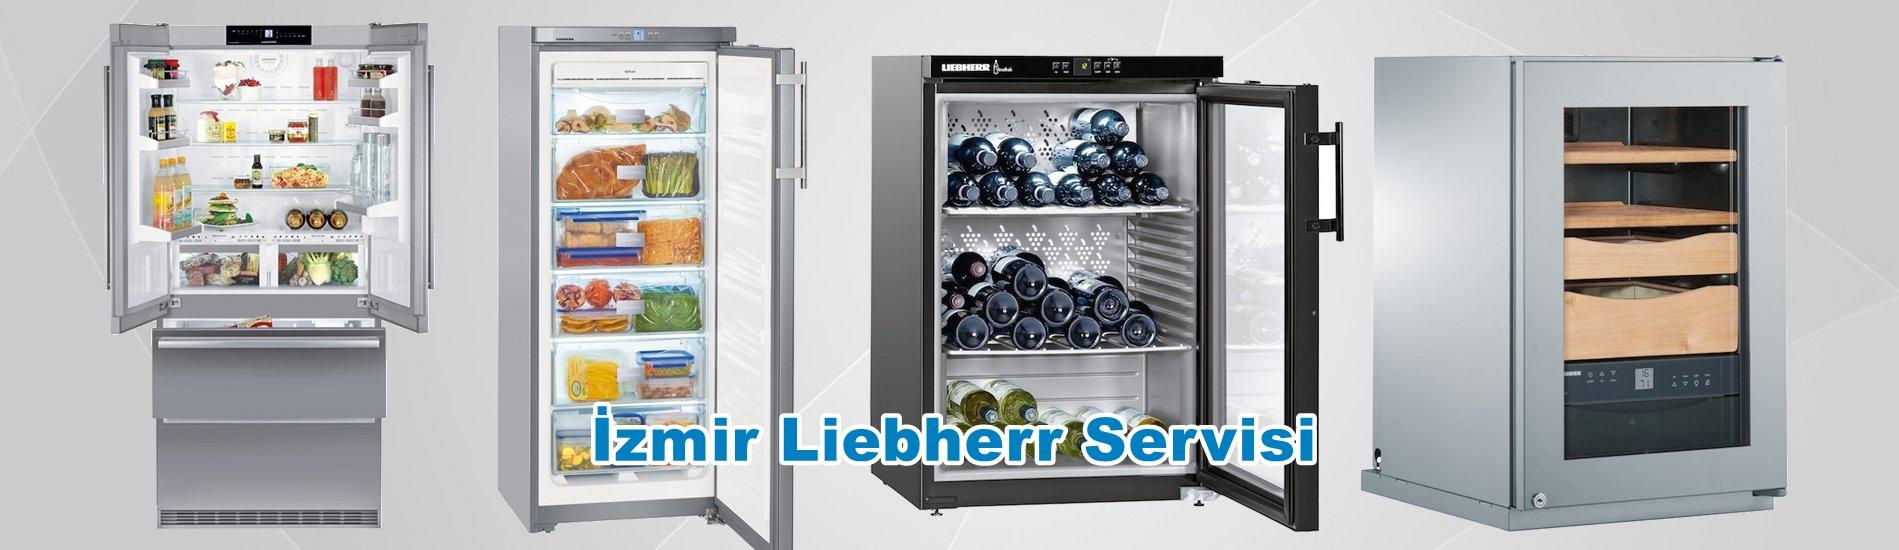 İzmir Liebherr Servisi